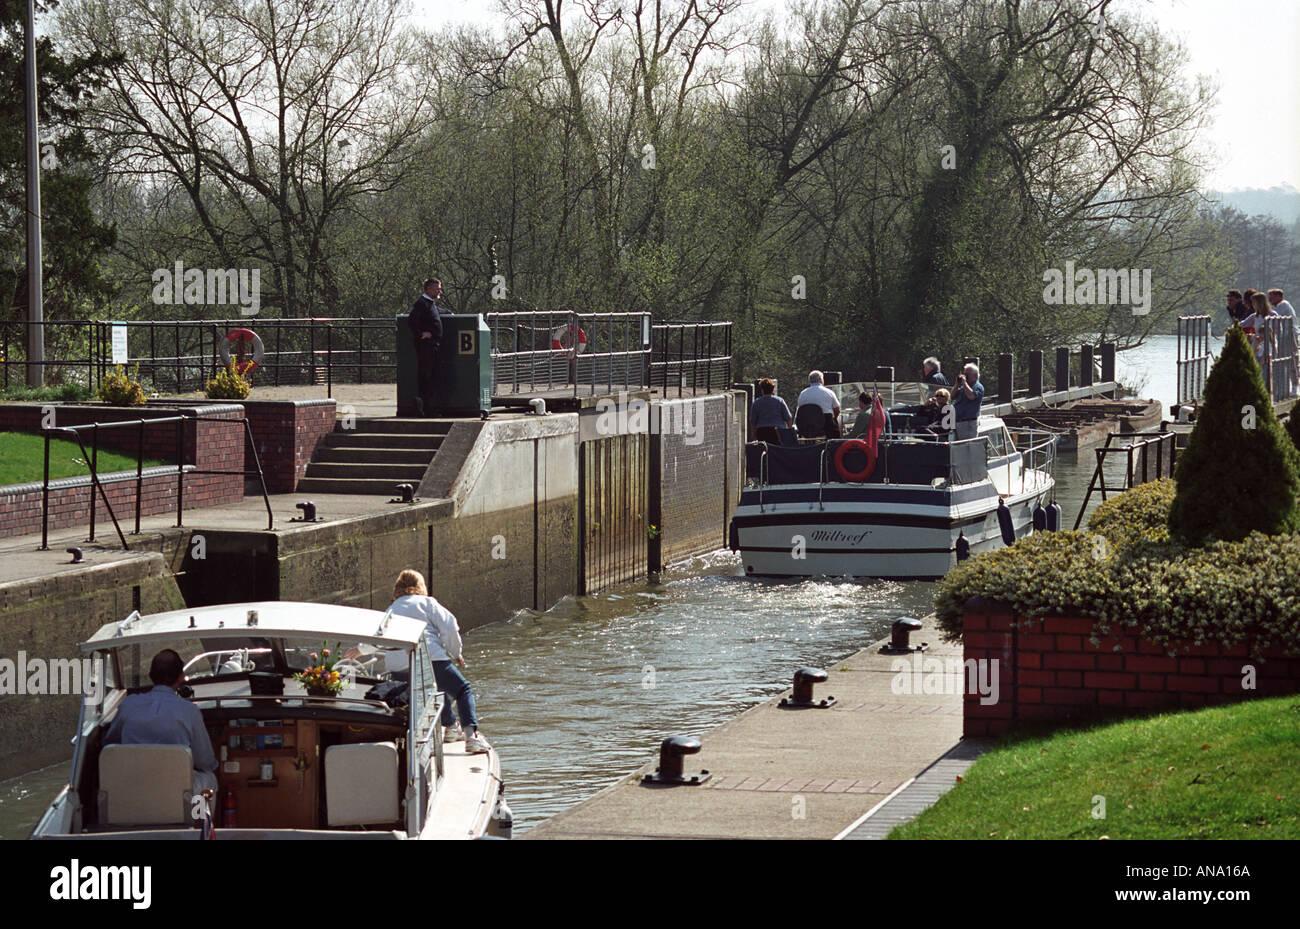 Yachts at Hambledon lock, England and river Thames Stock Photo